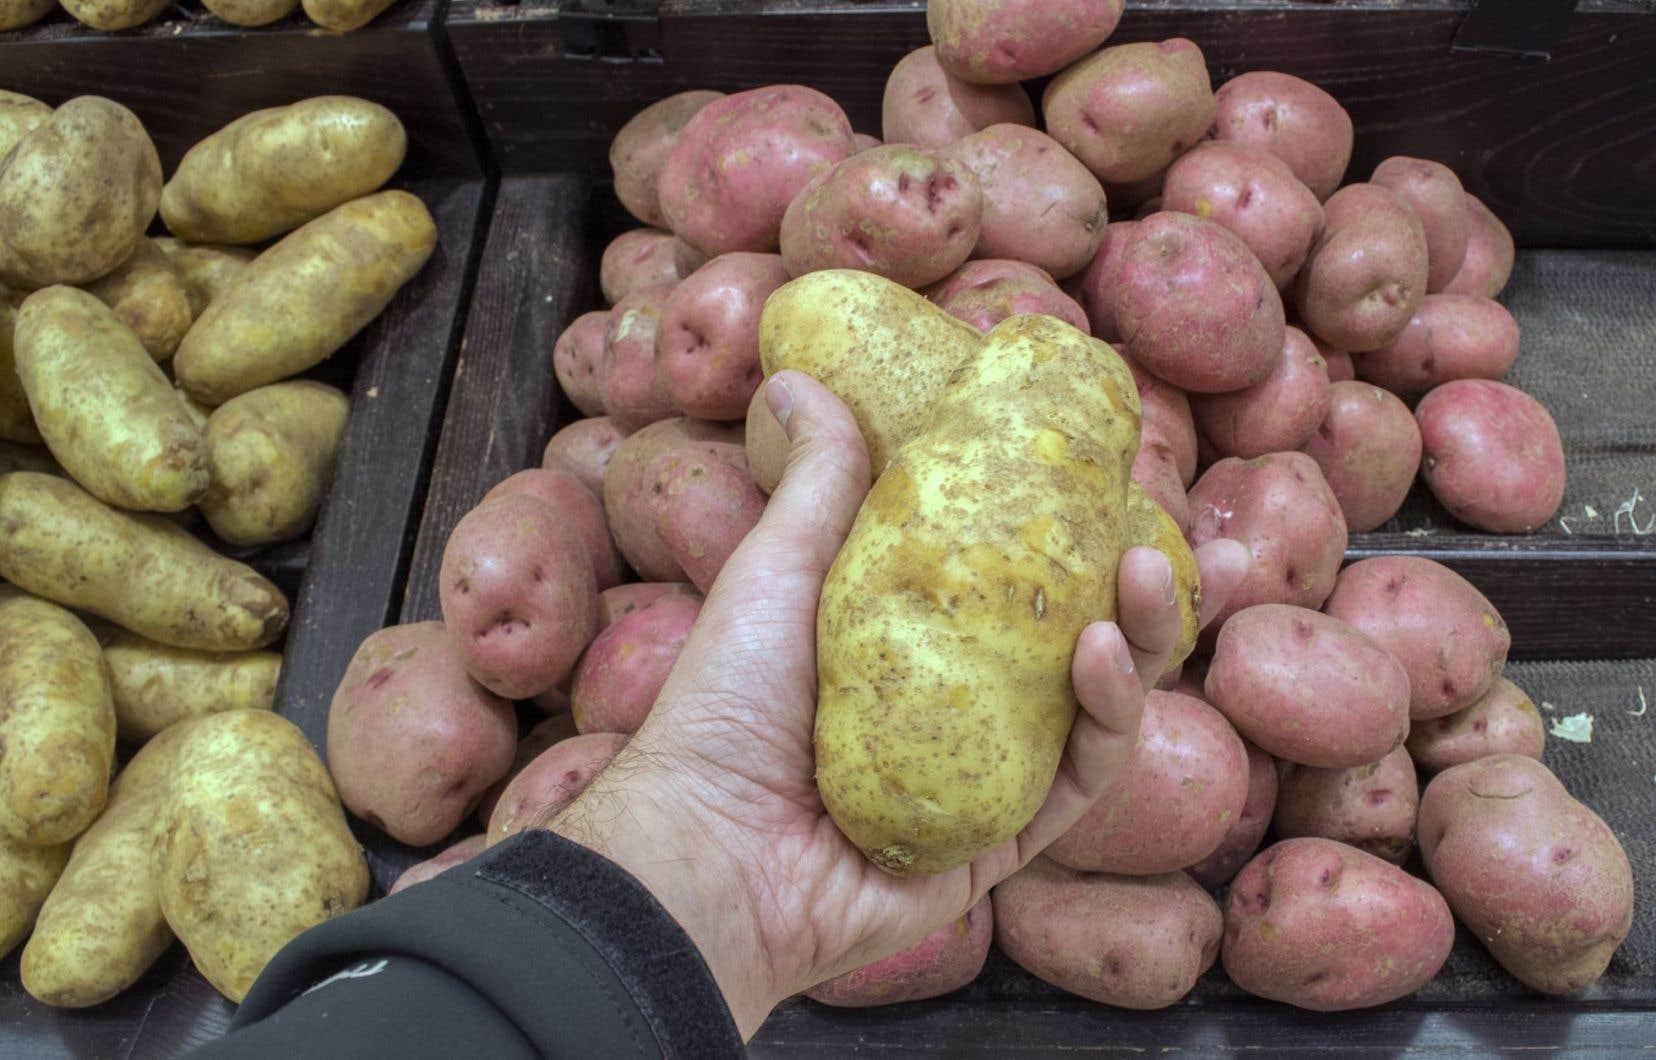 La découverte offre de nouvelles stratégies pour reproduire une résistance élargie et durable dans les variétés de pommes de terre.